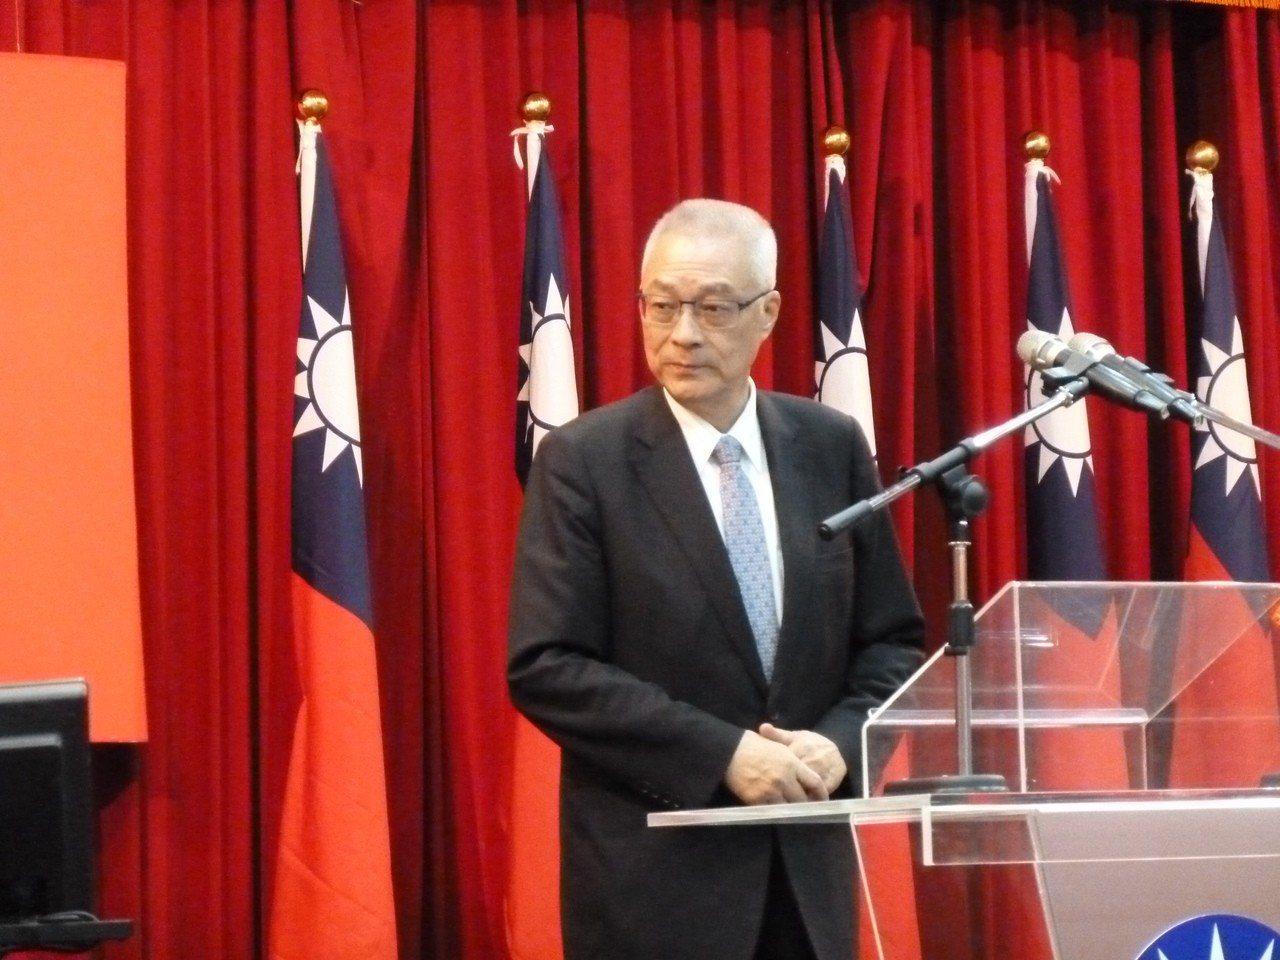 朱劉會再度引發「兩個太陽」話題,國民黨主席吳敦義昨表示,黨內沒有「兩個太陽」。 ...